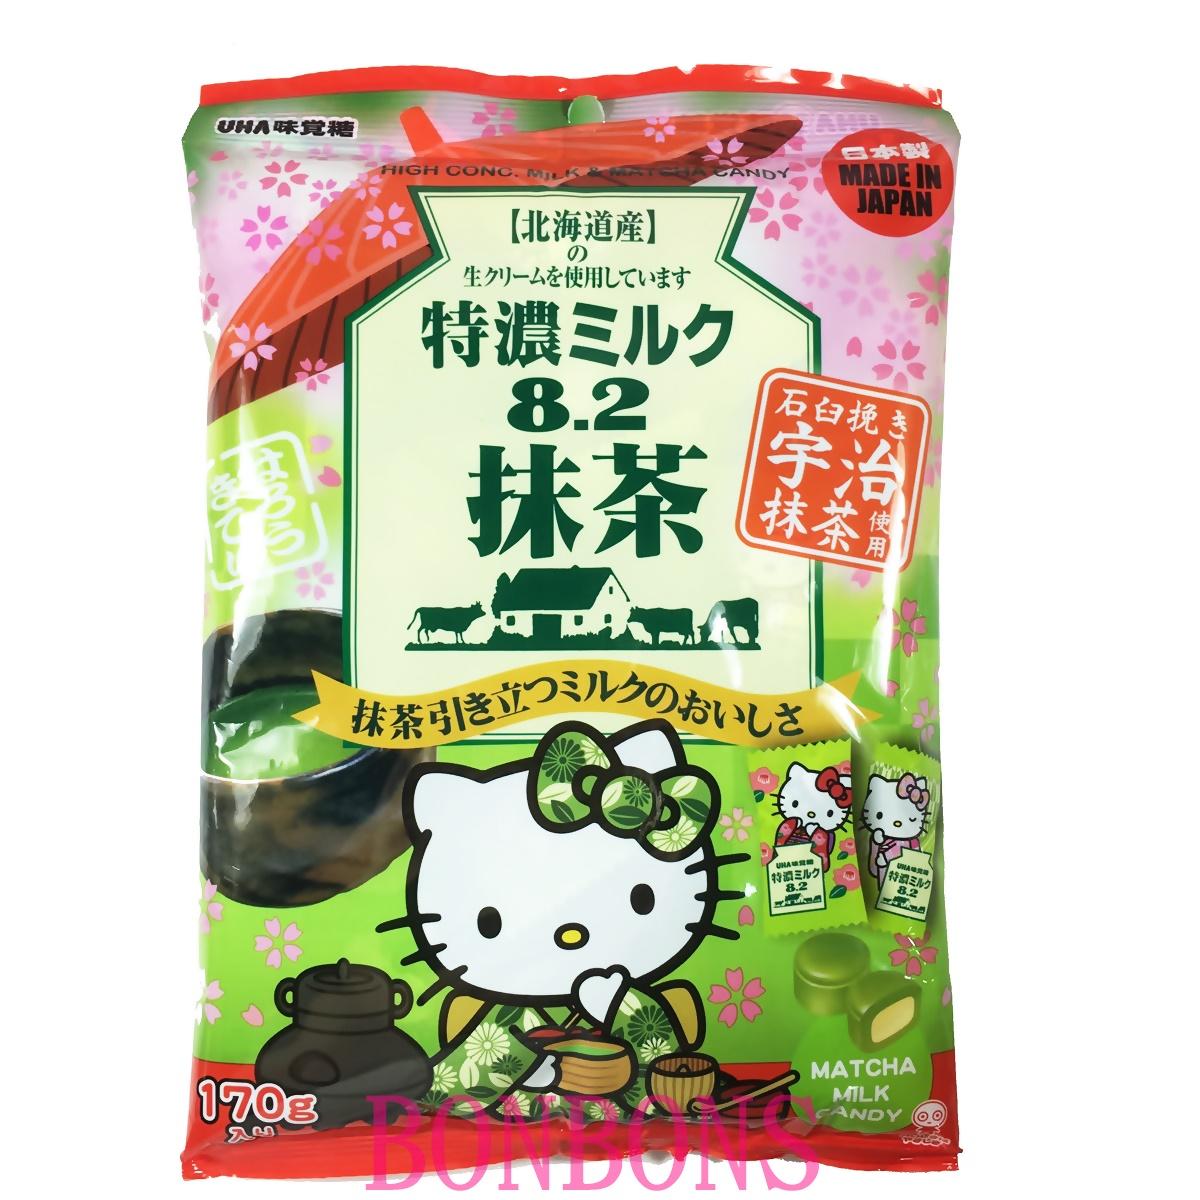 日本UHA味覺糖  KITTY特濃8.2抹茶糖   日本進口